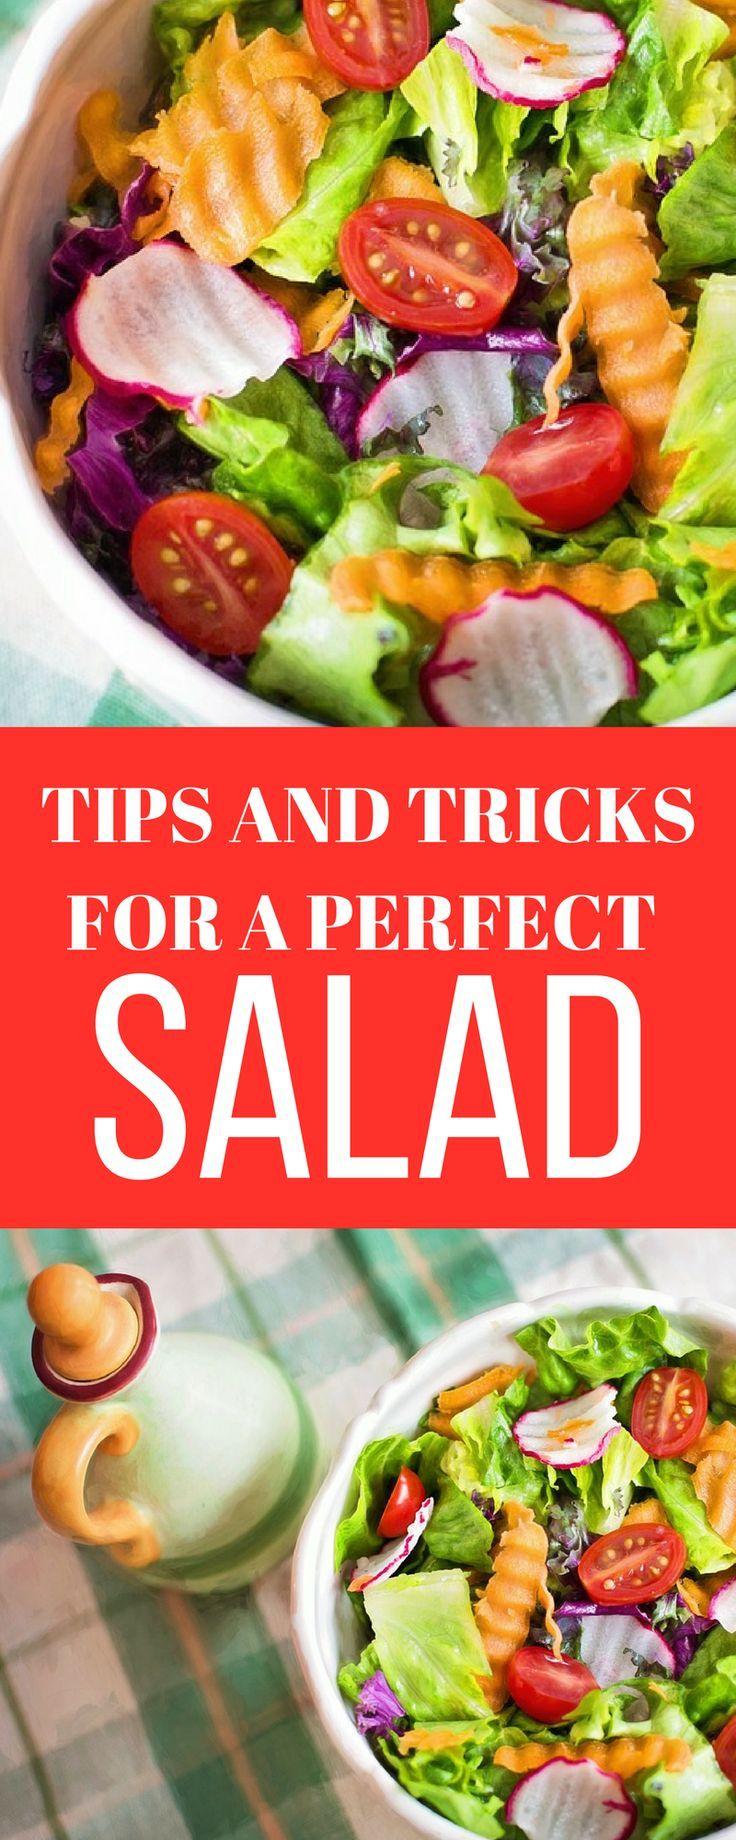 No Dressing Crunchy Salad